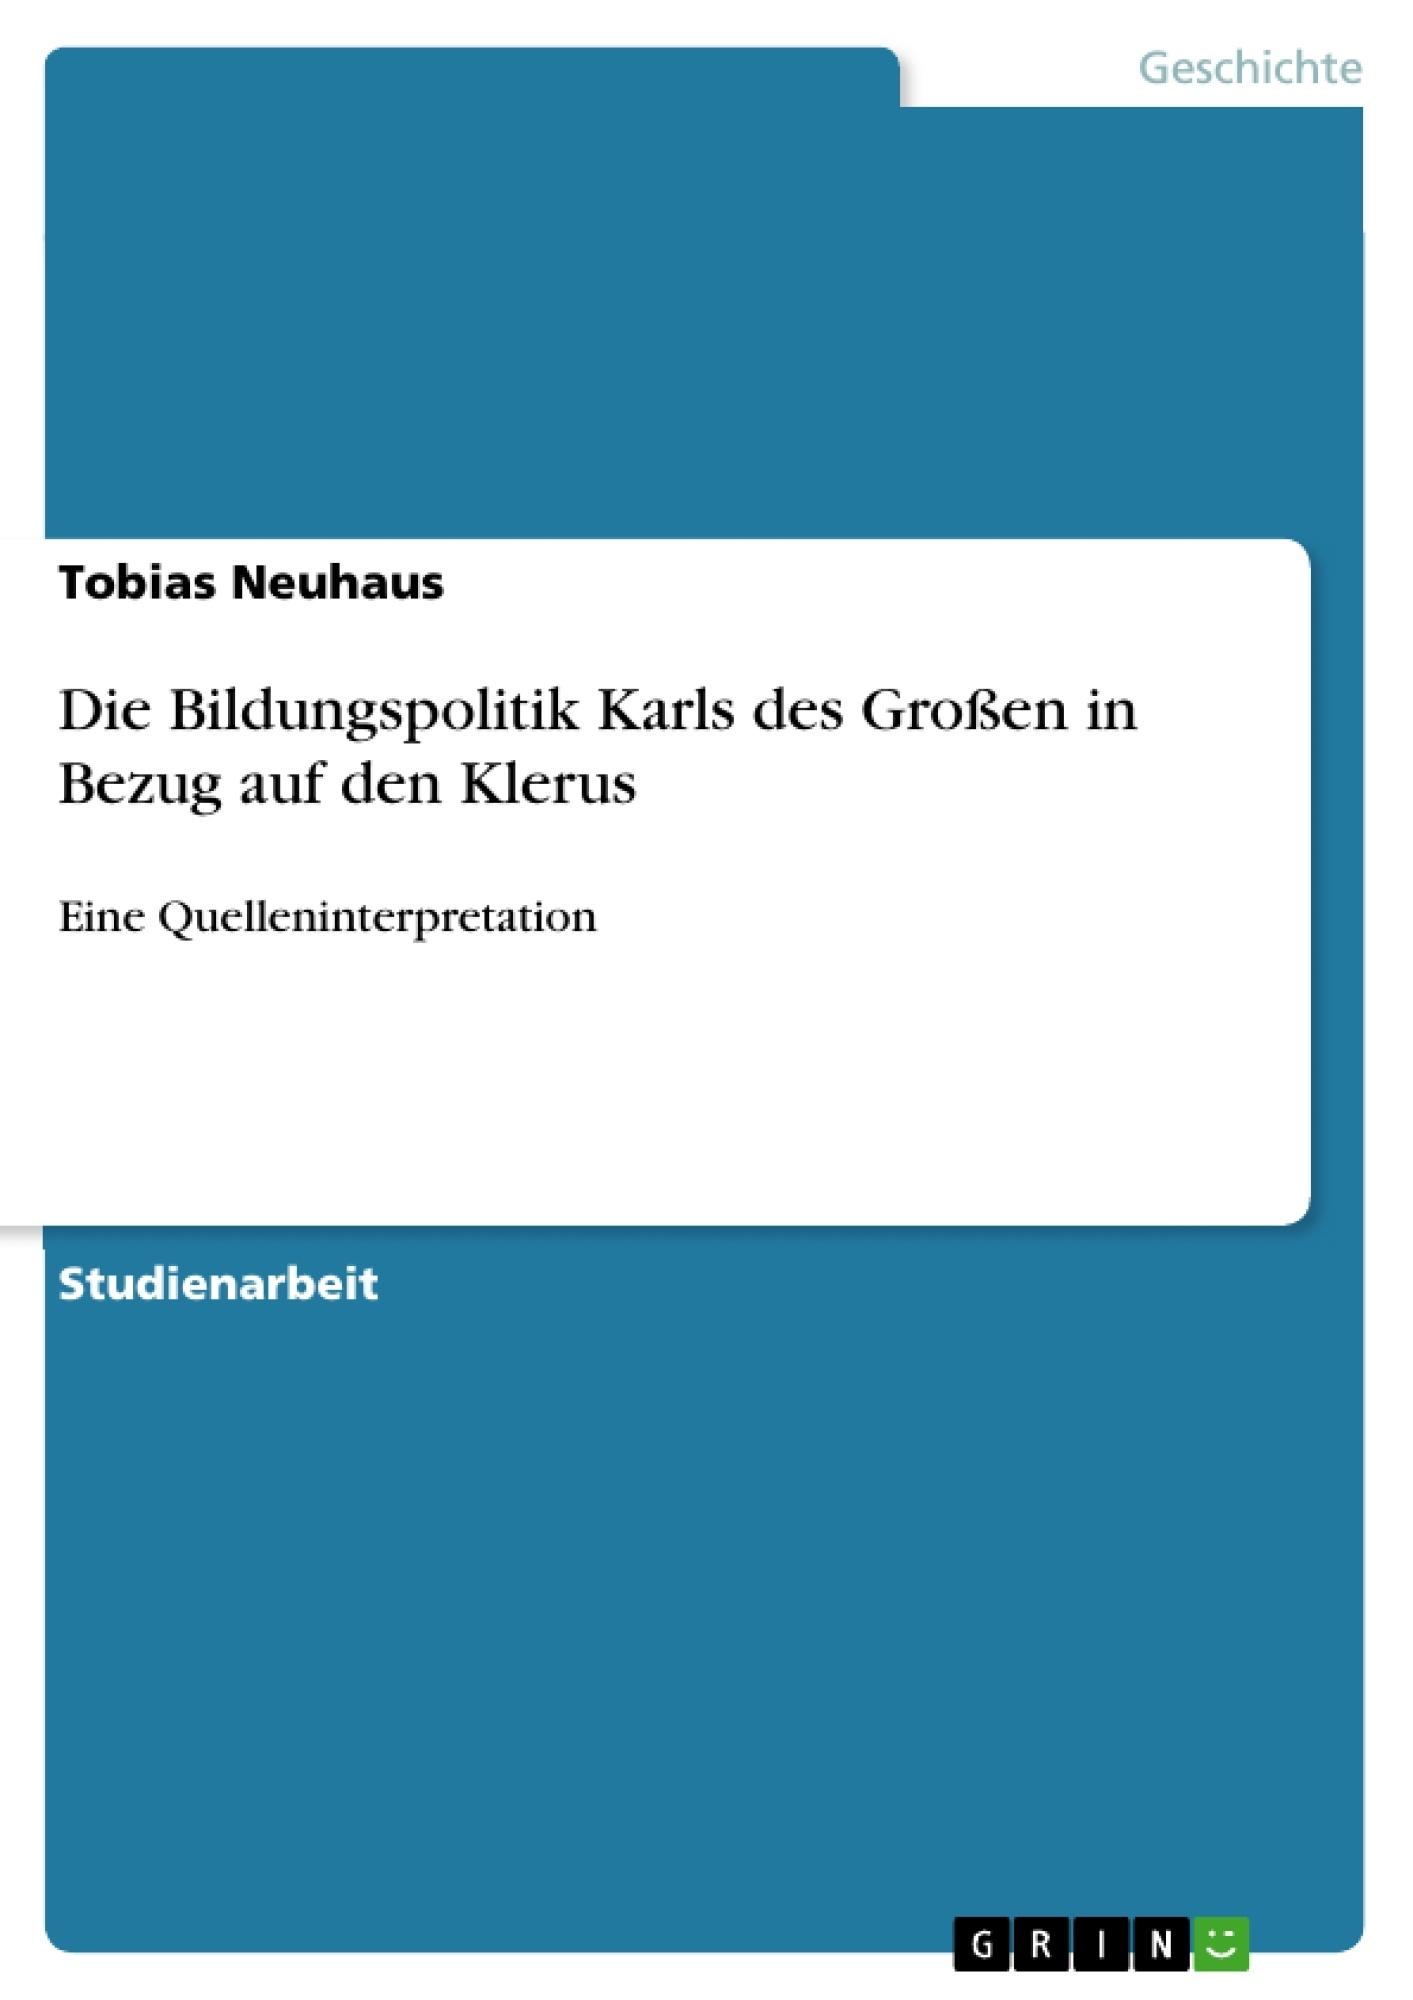 Titel: Die Bildungspolitik Karls des Großen in Bezug auf den Klerus